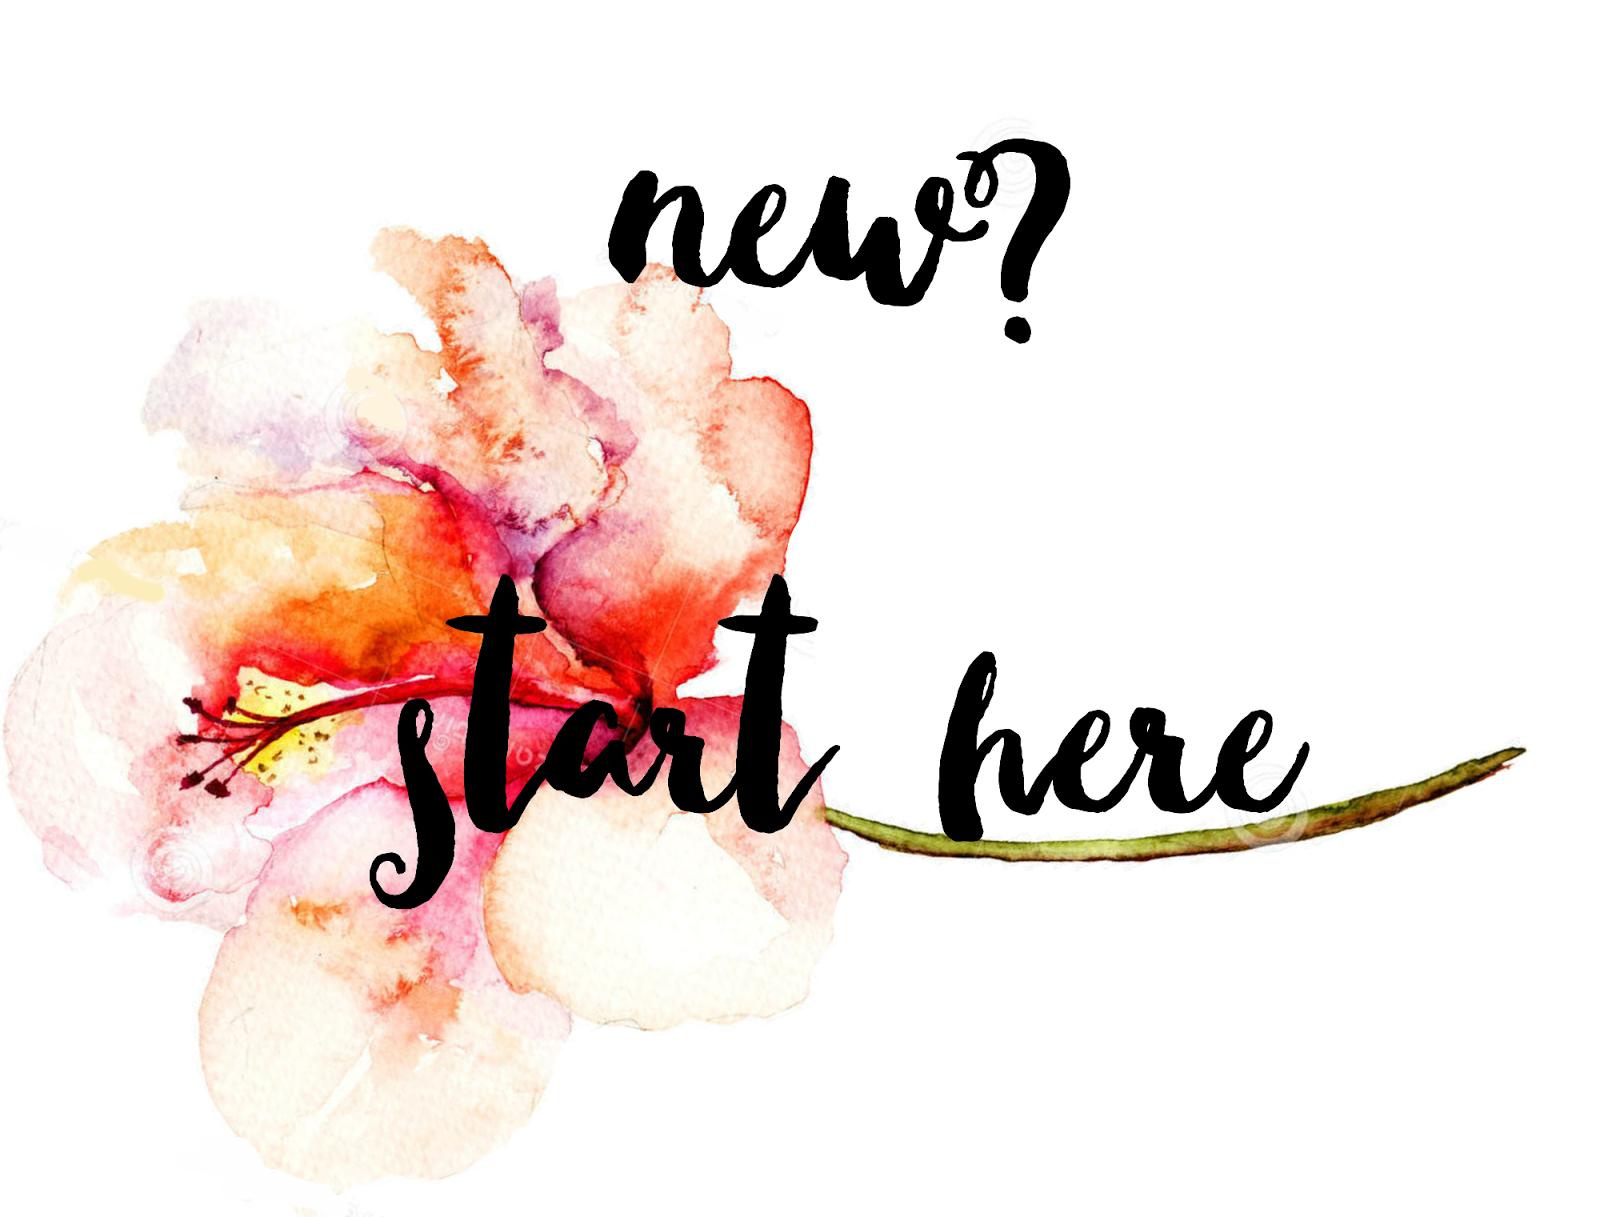 Start Here Image